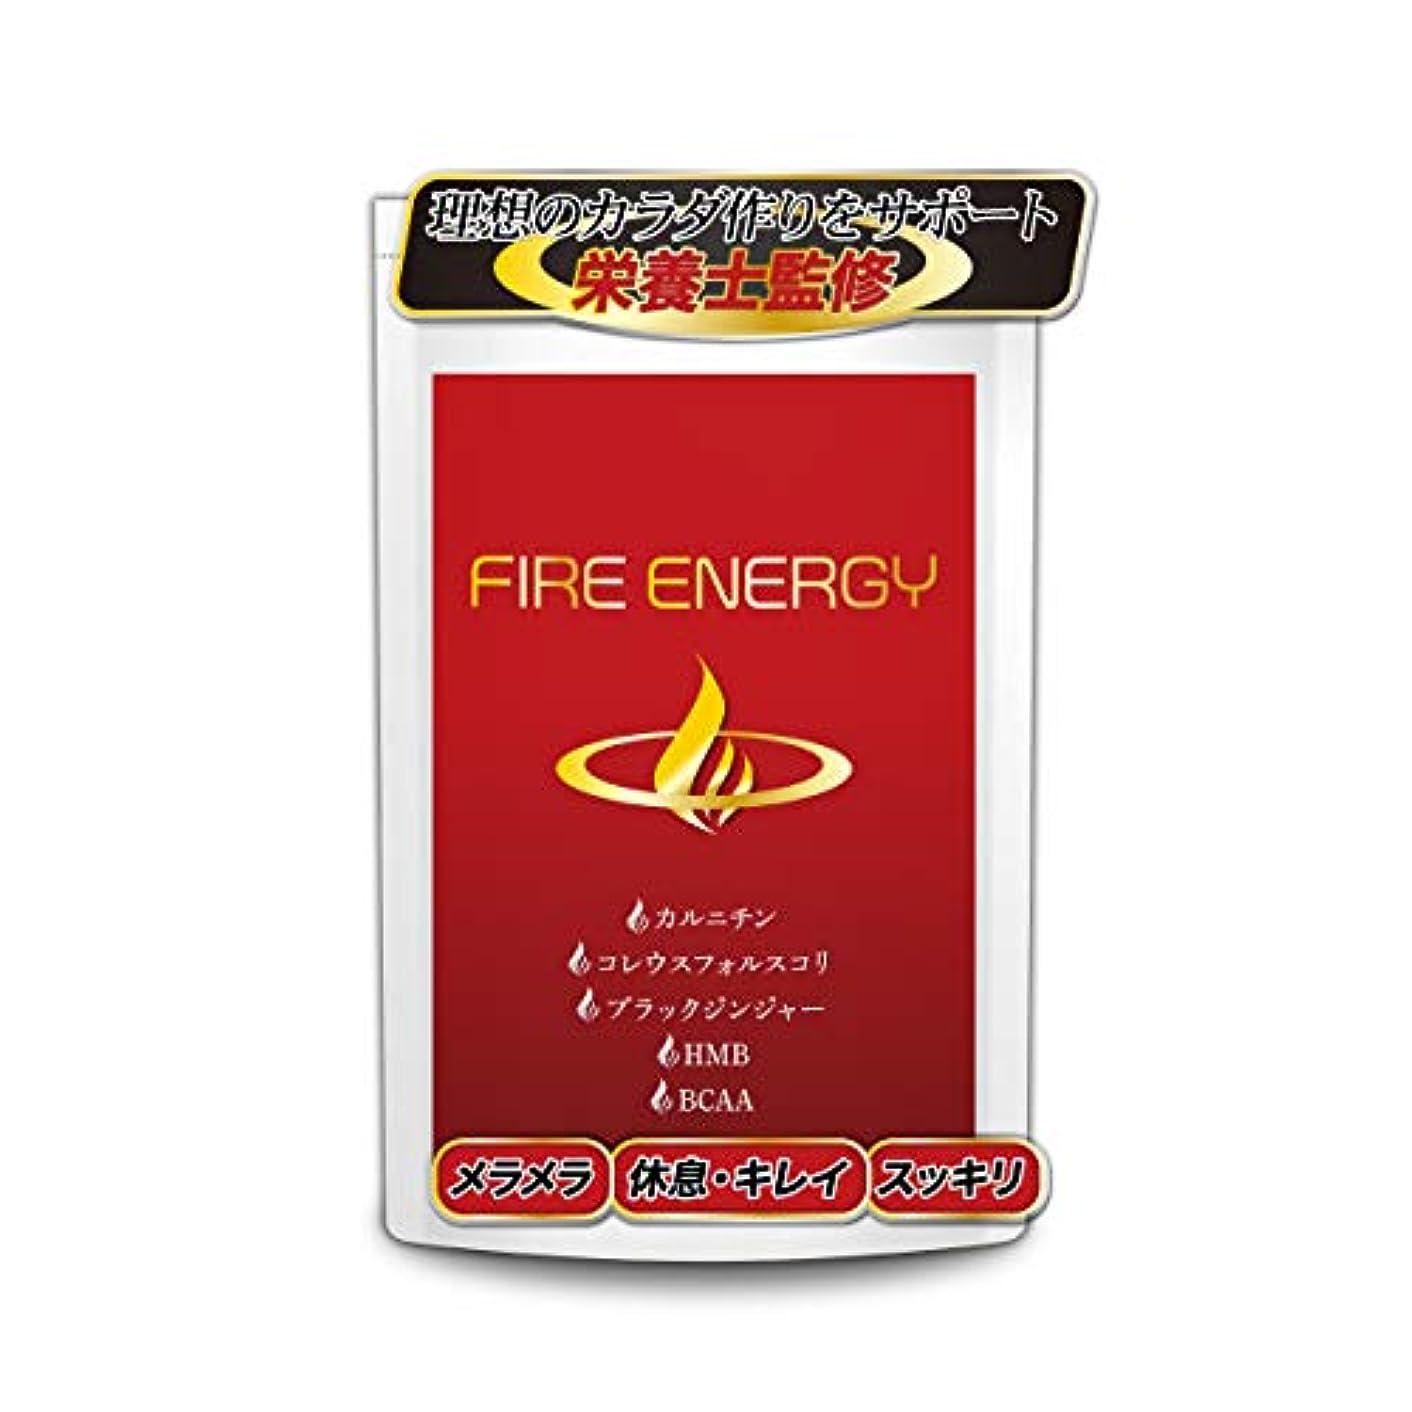 理論的一過性ヒットFIRE ENERGY ダイエット サプリ 燃焼 HMB BCAA サプリメント(30日分60粒入り)